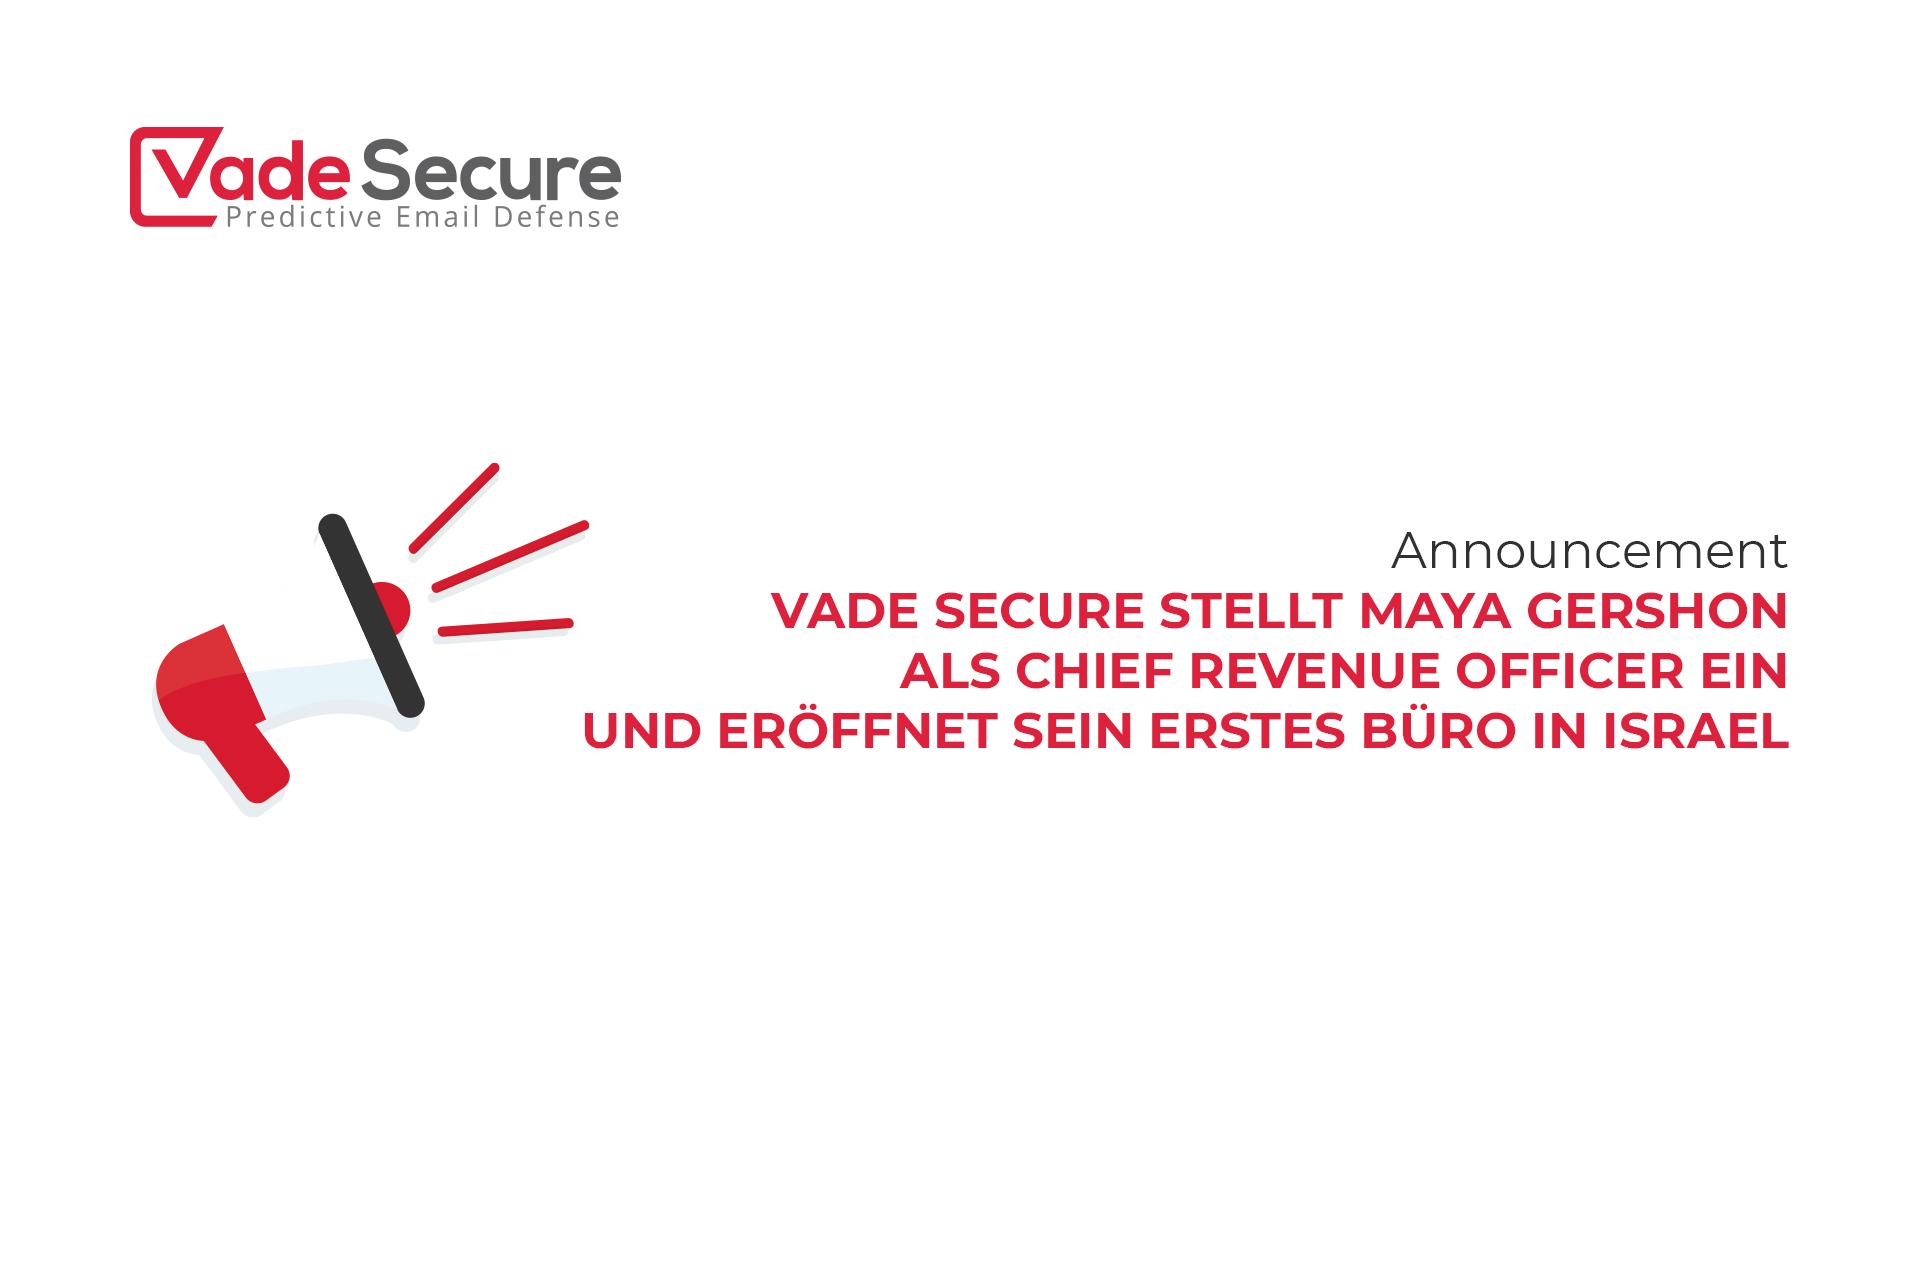 Vade Secure stellt Maya Gershon als Chief Revenue Officer ein und eröffnet sein erstes Büro in Israel